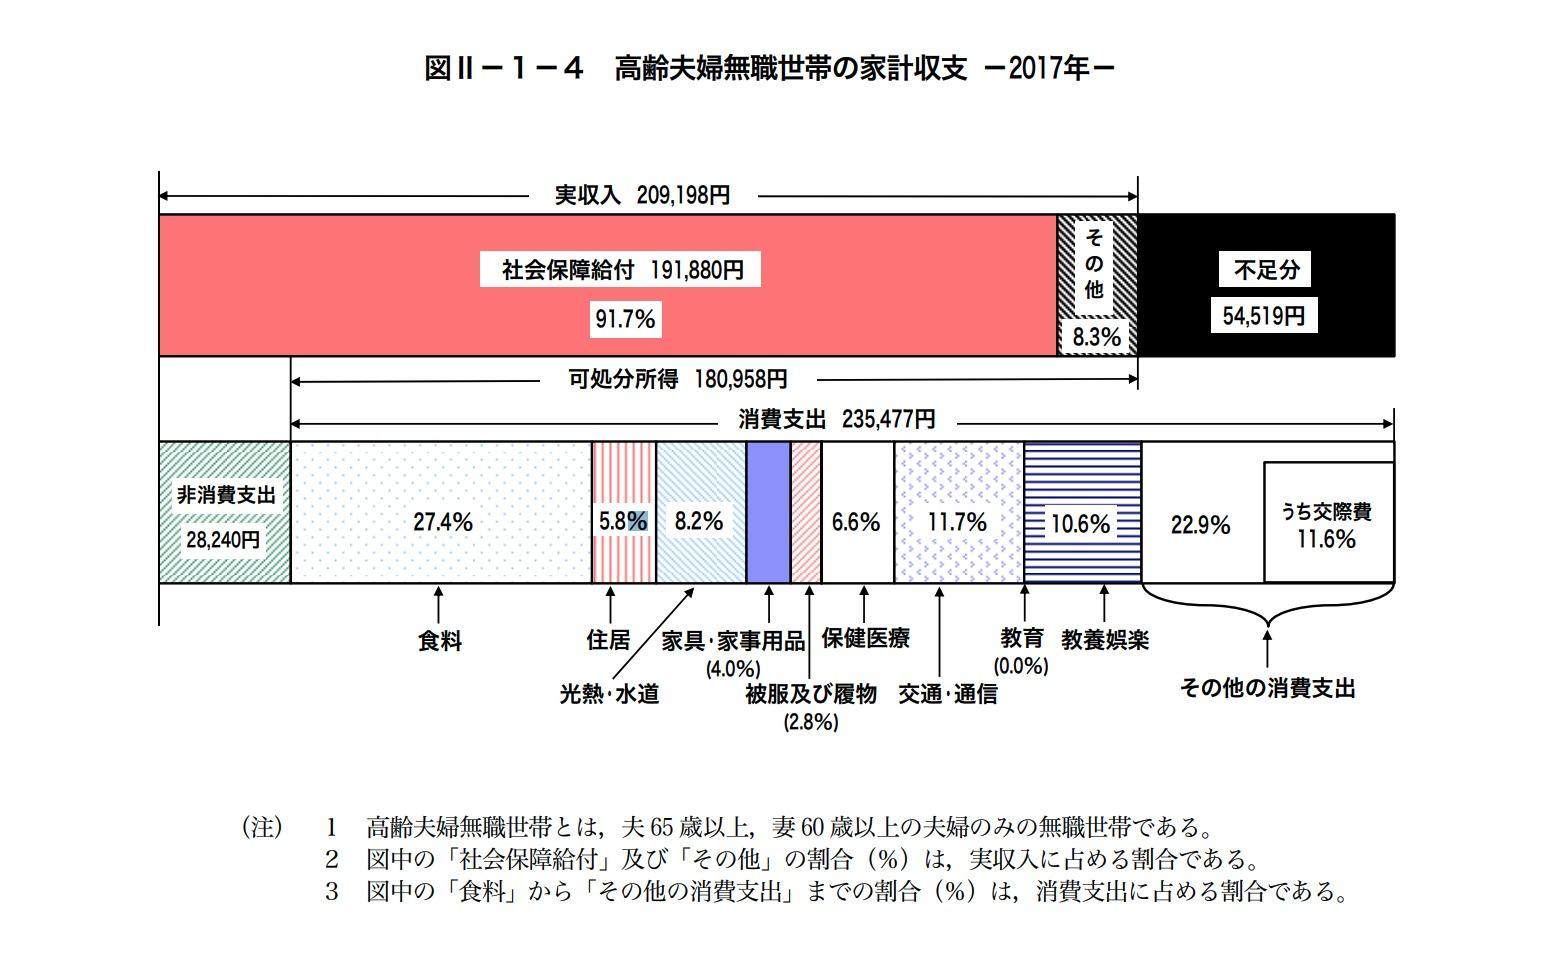 総務省統計局の資料「家計調査」の「高齢夫婦無職世帯の家計収支 」(2017年)の図